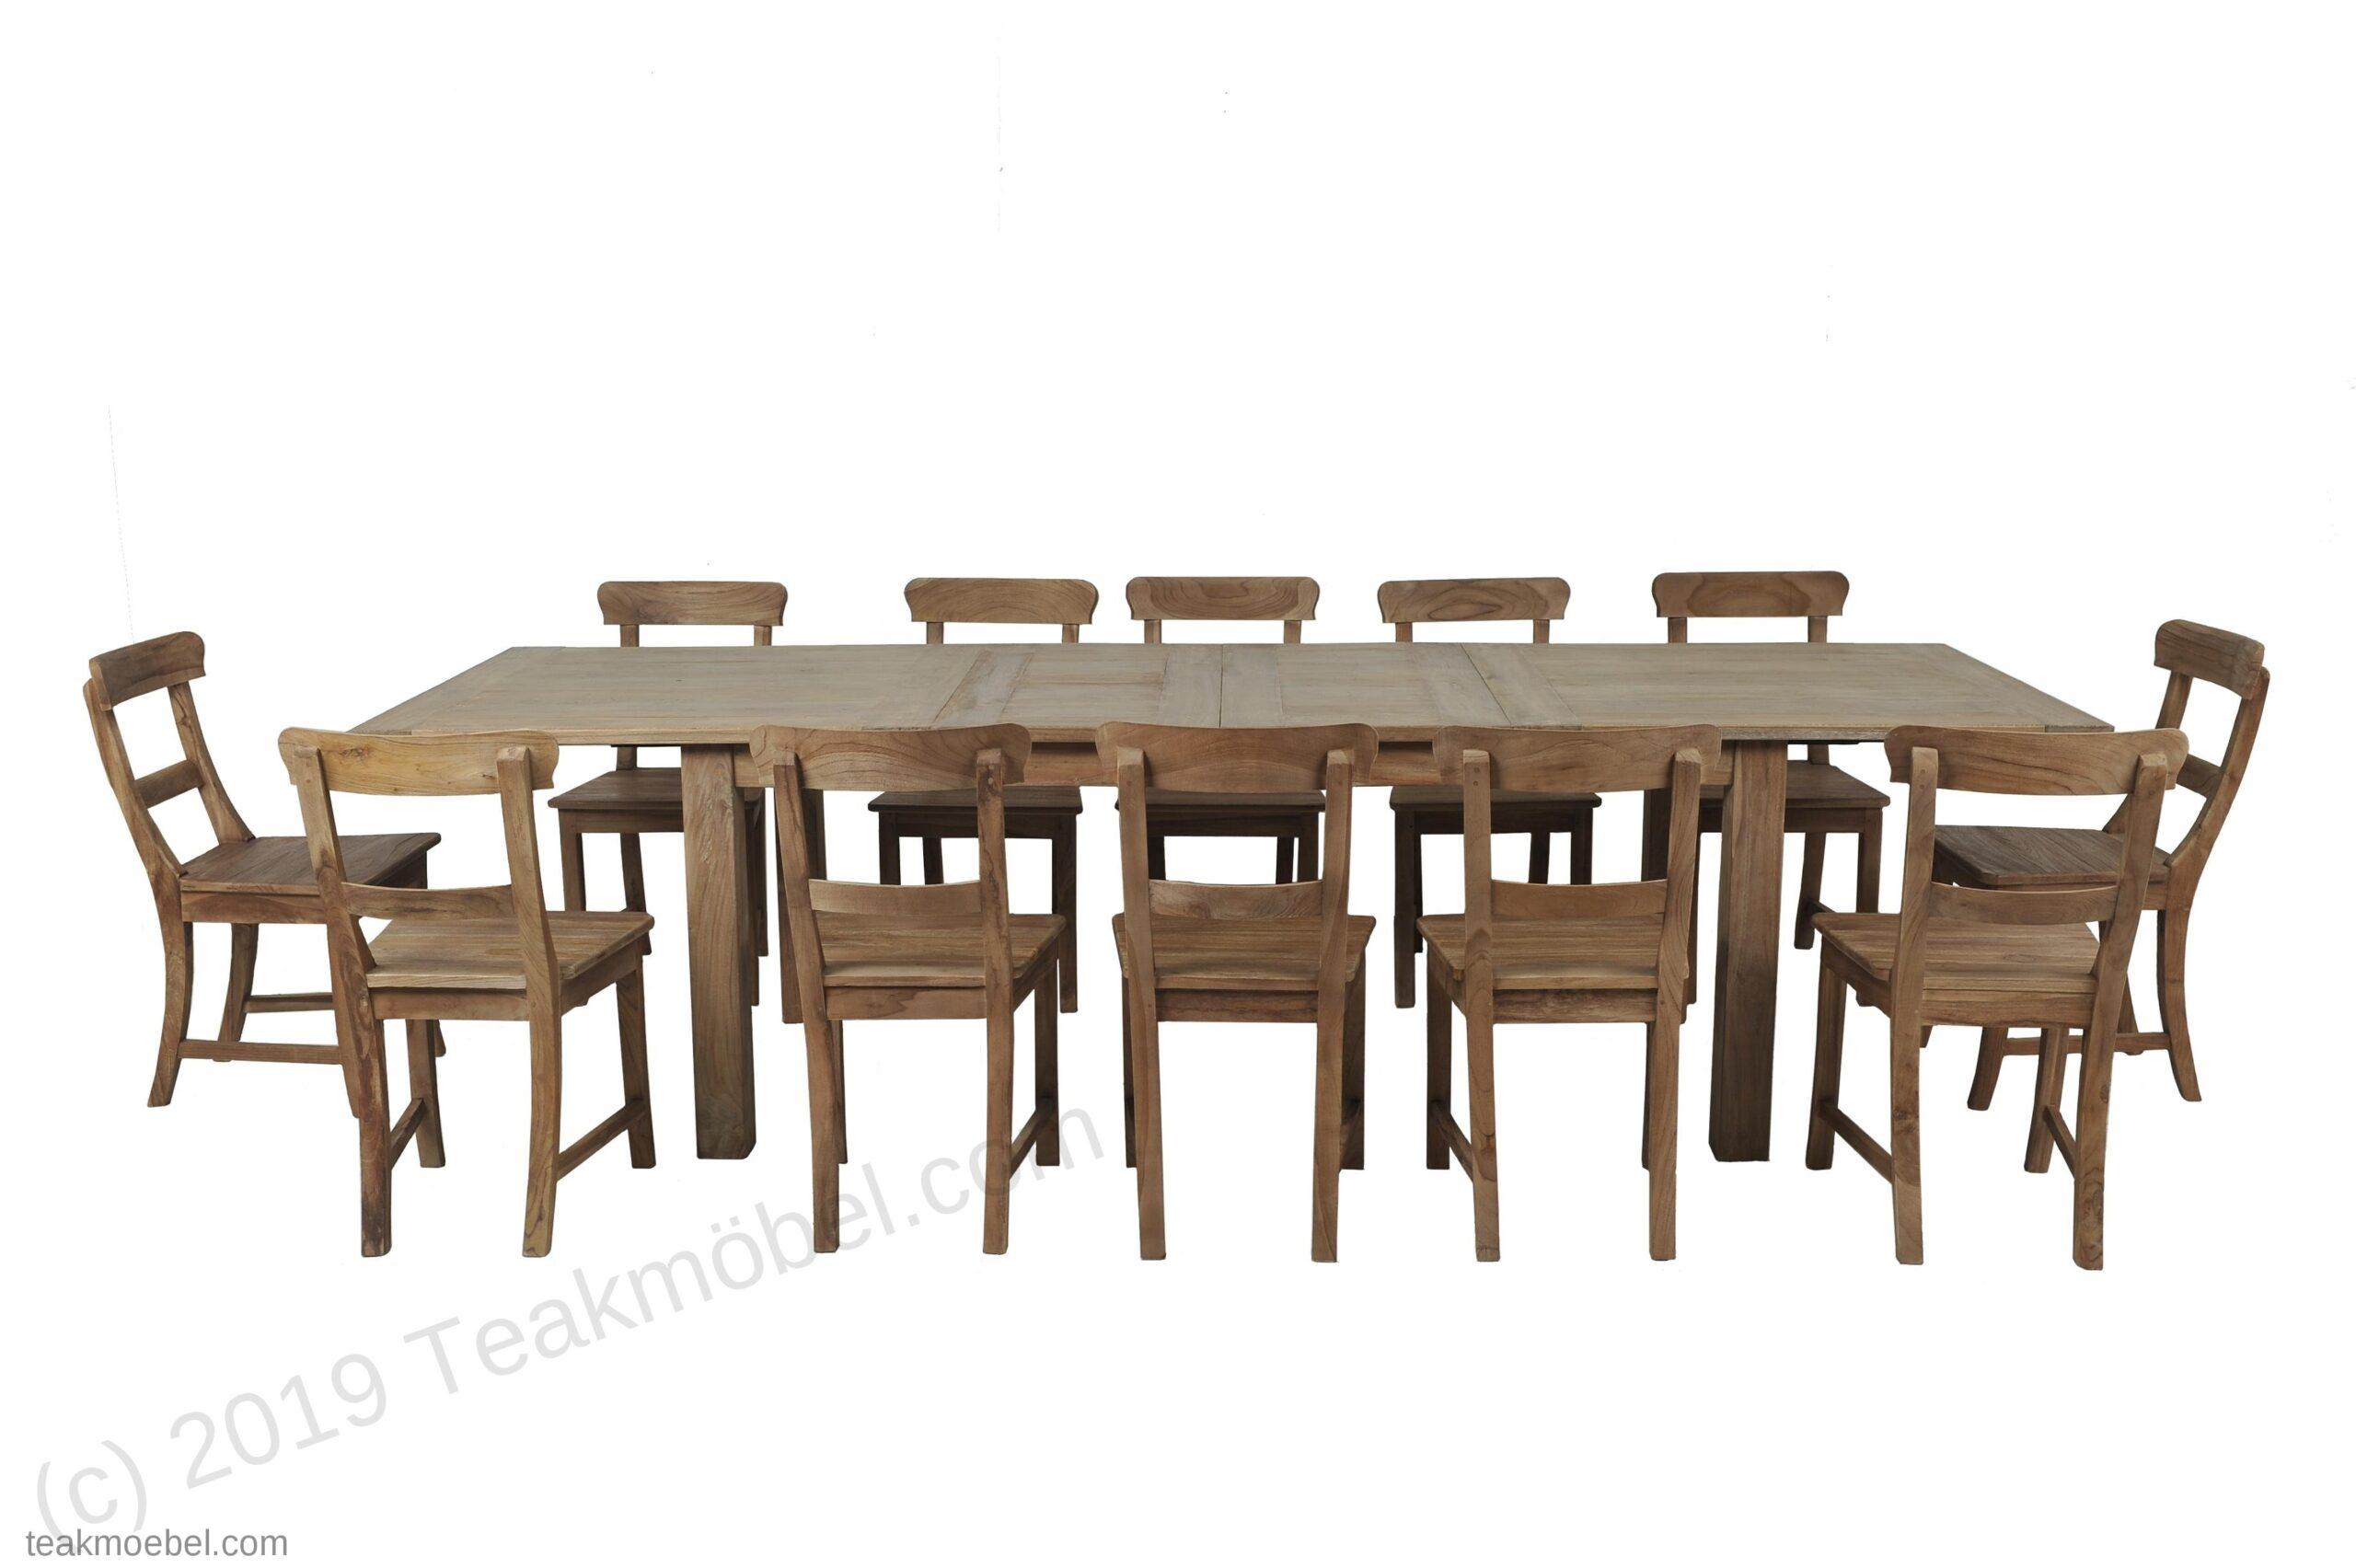 Full Size of Esstisch Stühle Teak Ausziehbar 200 250 300x100 12 Sthle Teakmbelcom Massiv Moderne Esstische Industrial Vintage Weiss Eiche Runder Mit 4 Stühlen Günstig 2m Esstische Esstisch Stühle